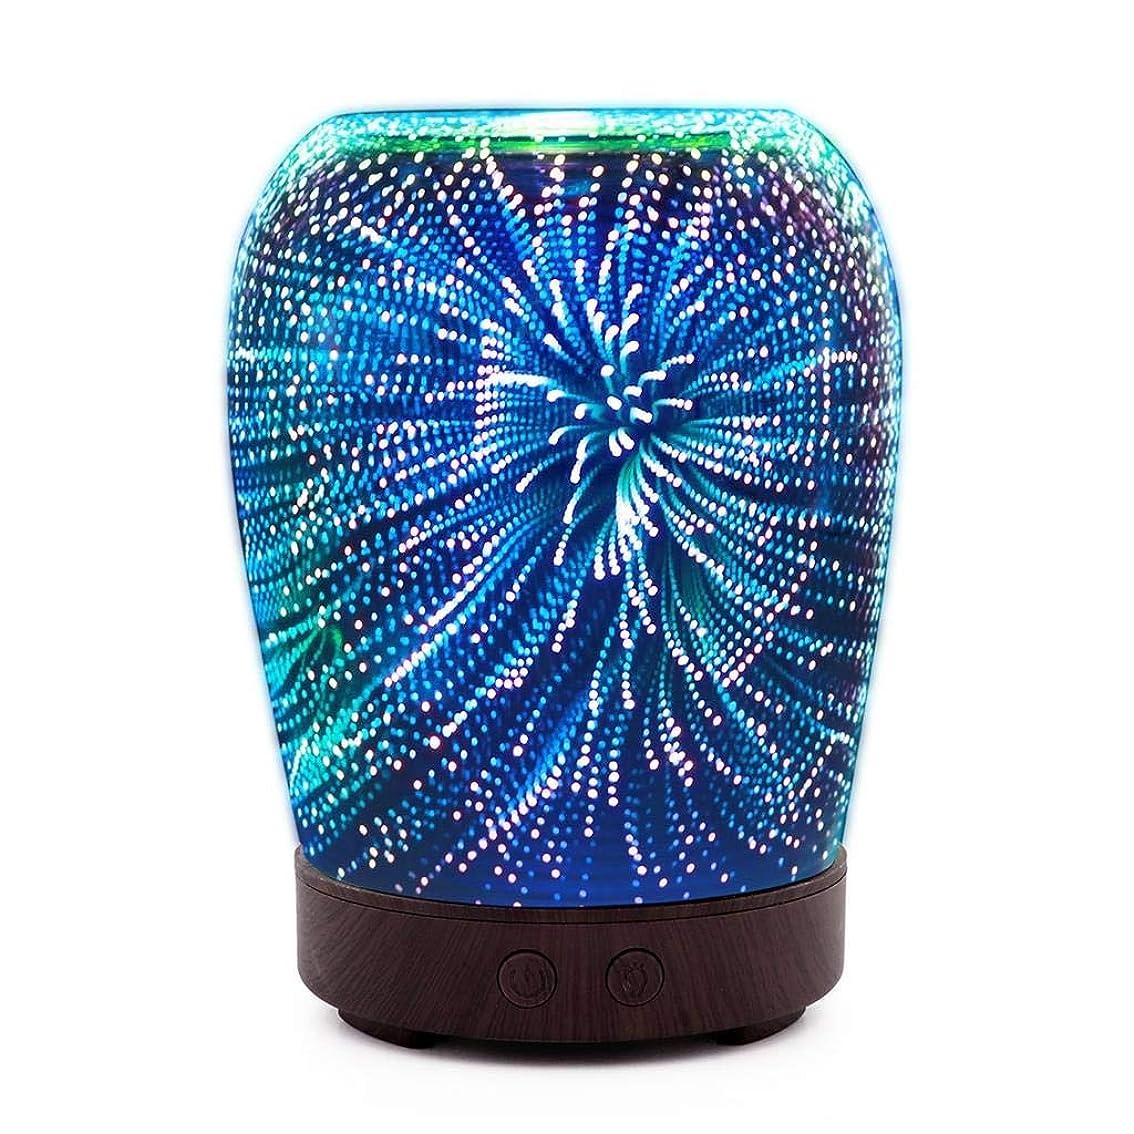 擁するバナナ大工芳香 拡張器 清涼 薄霧 加湿器 アロマディフューザー 車内や家庭で使用 (Color : Fireworks)